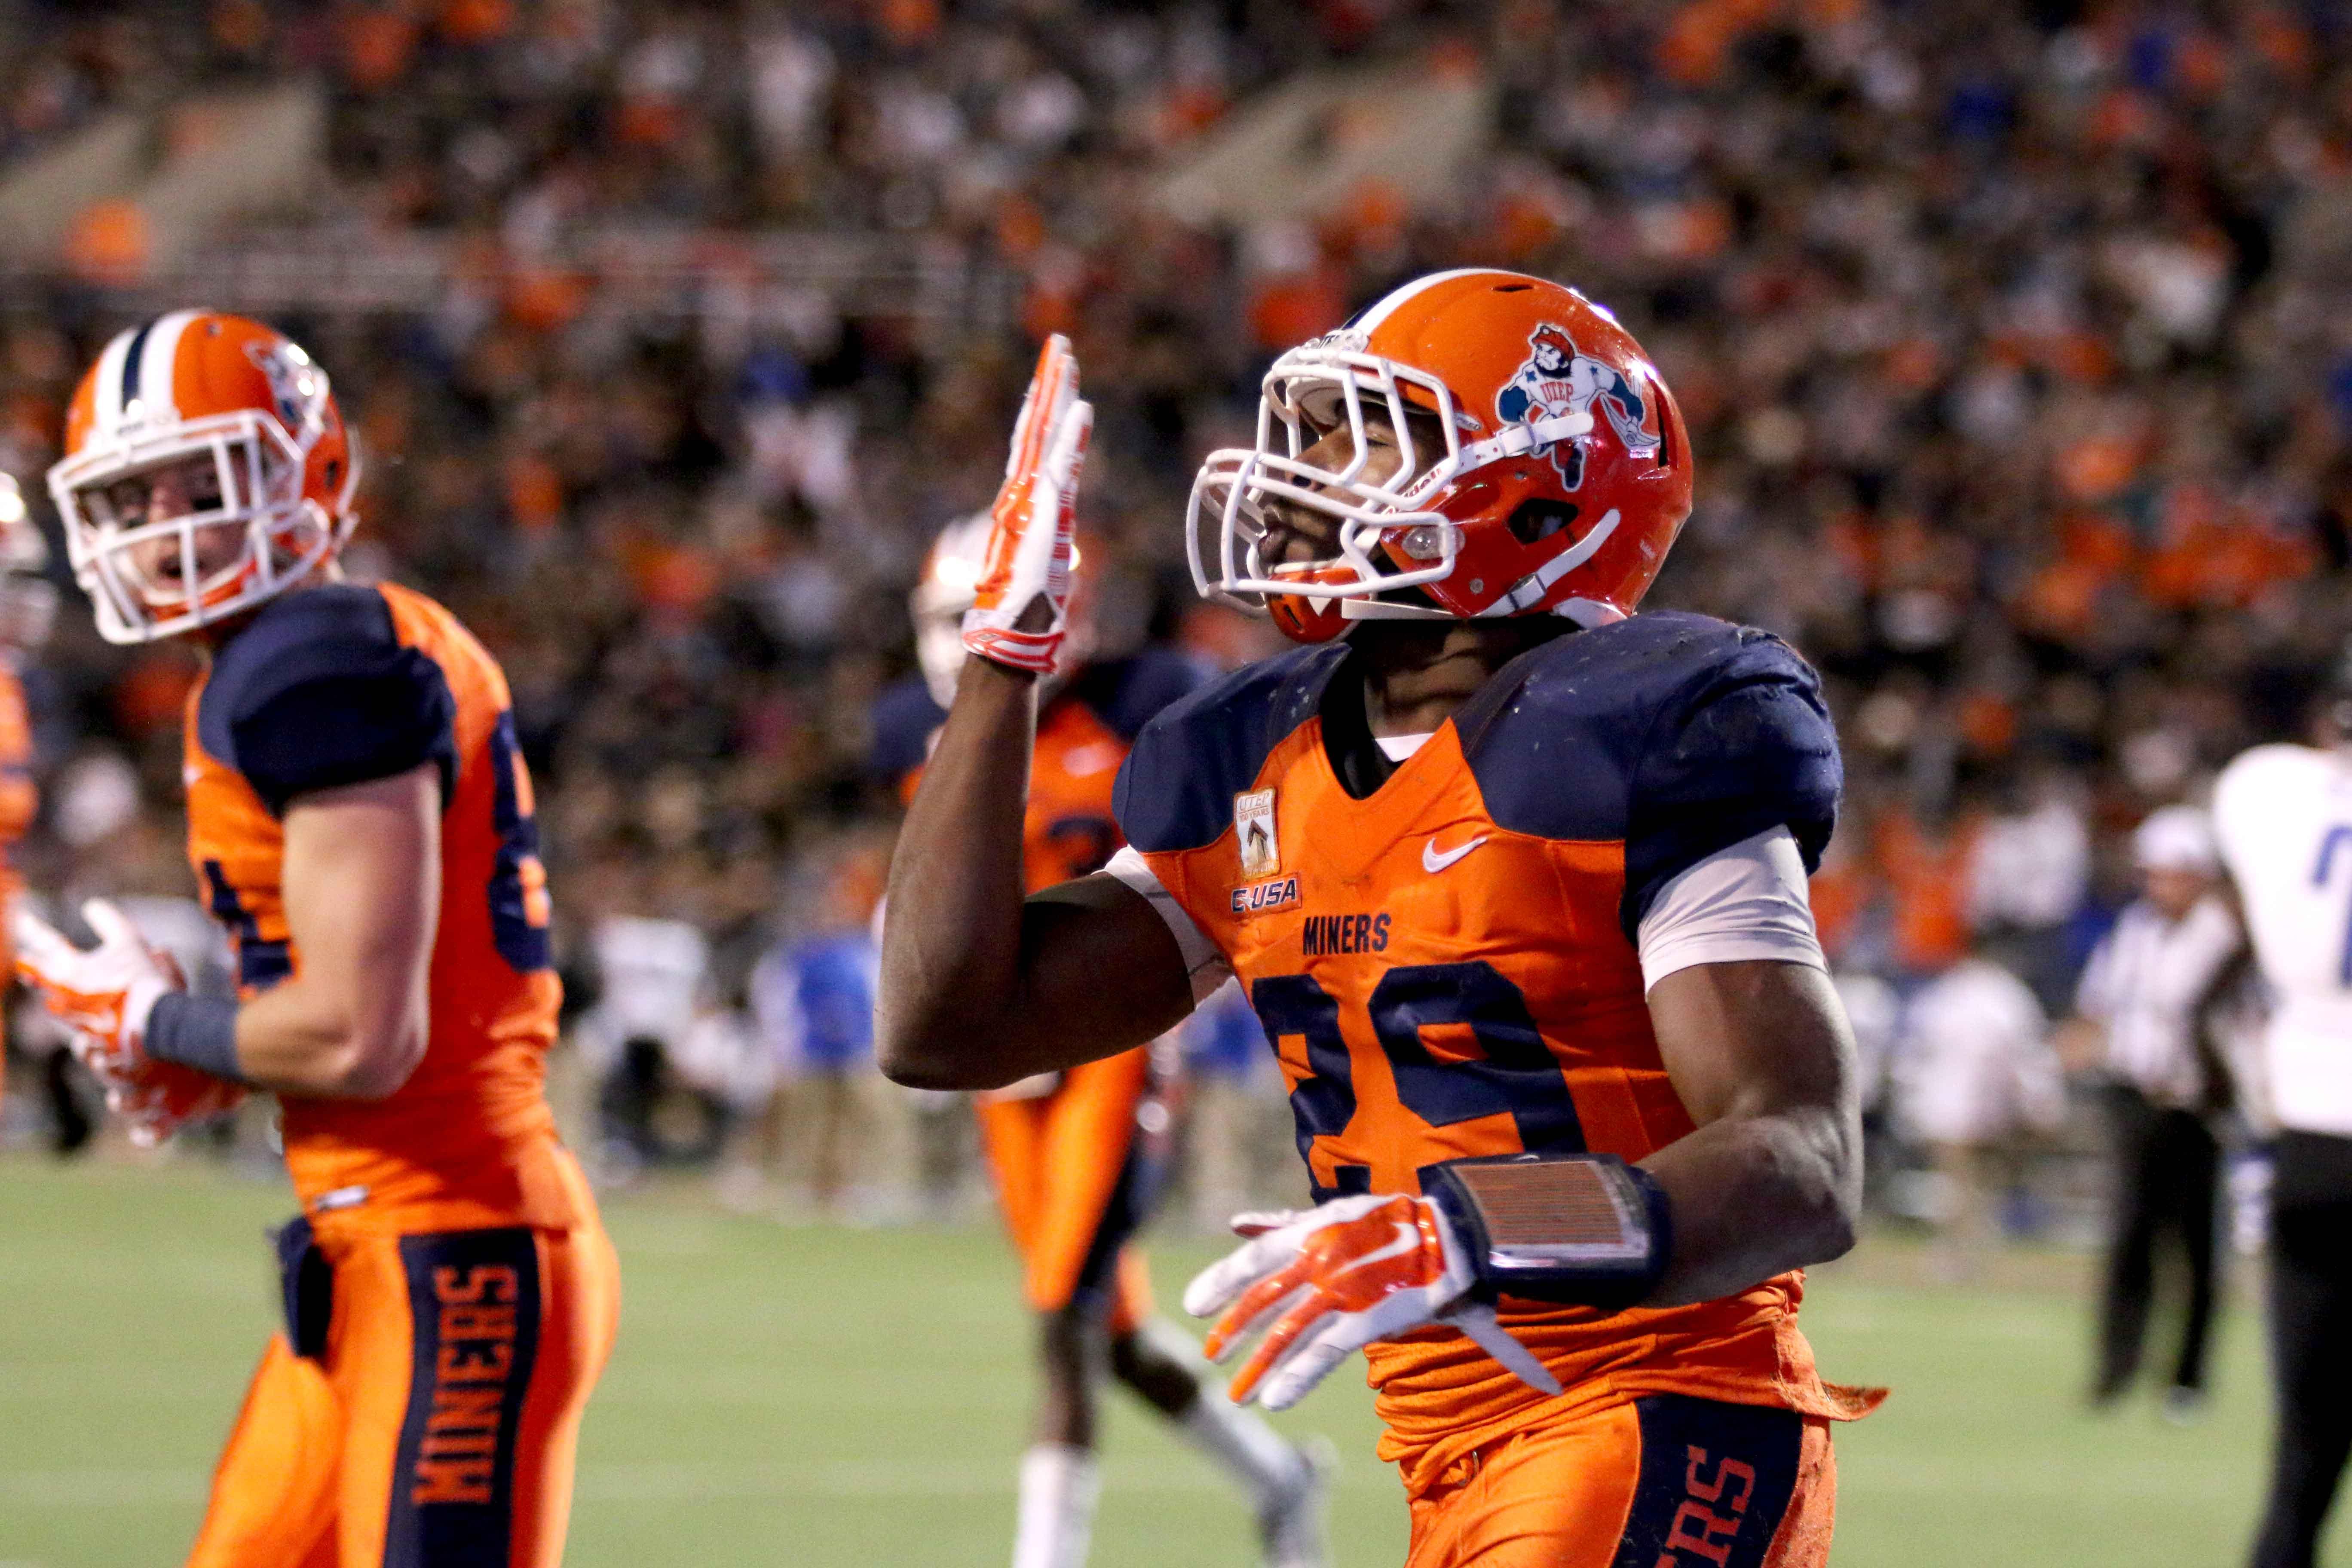 Junior running back Aaron Jones celebrates after a touchdown.